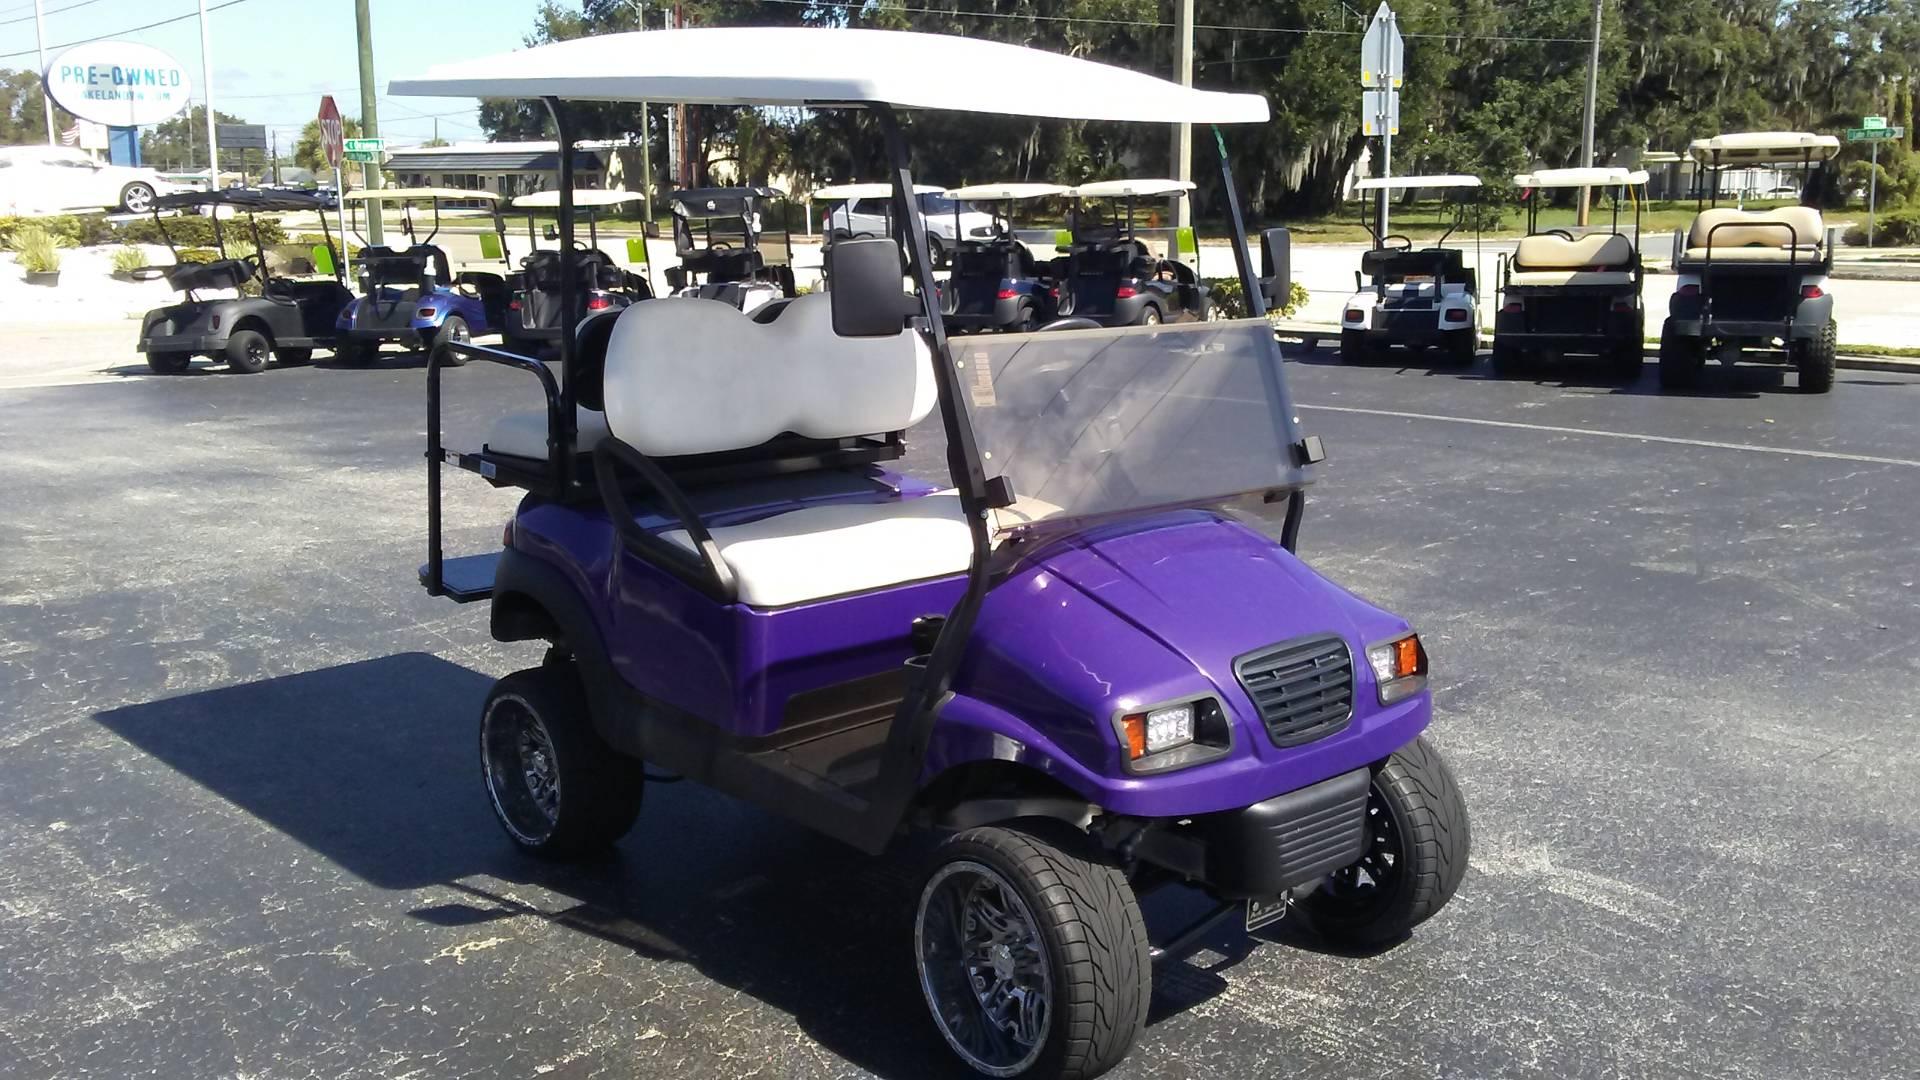 Used 2015 Club Car Precedent I2 Electric Golf Carts In Lakeland Fl